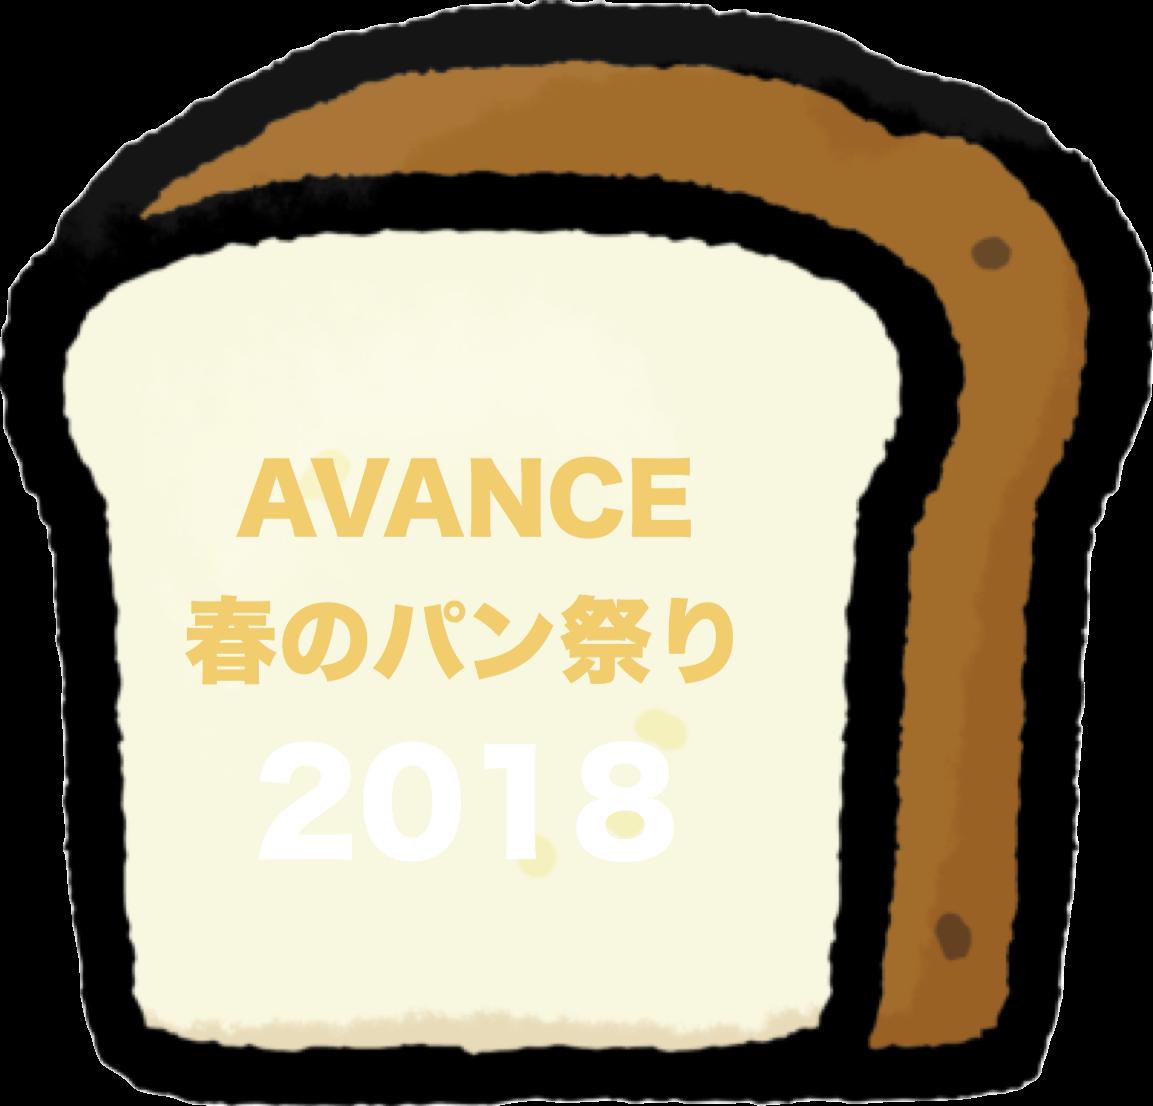 【パンオフ会報告】パンについてのカミングアウト